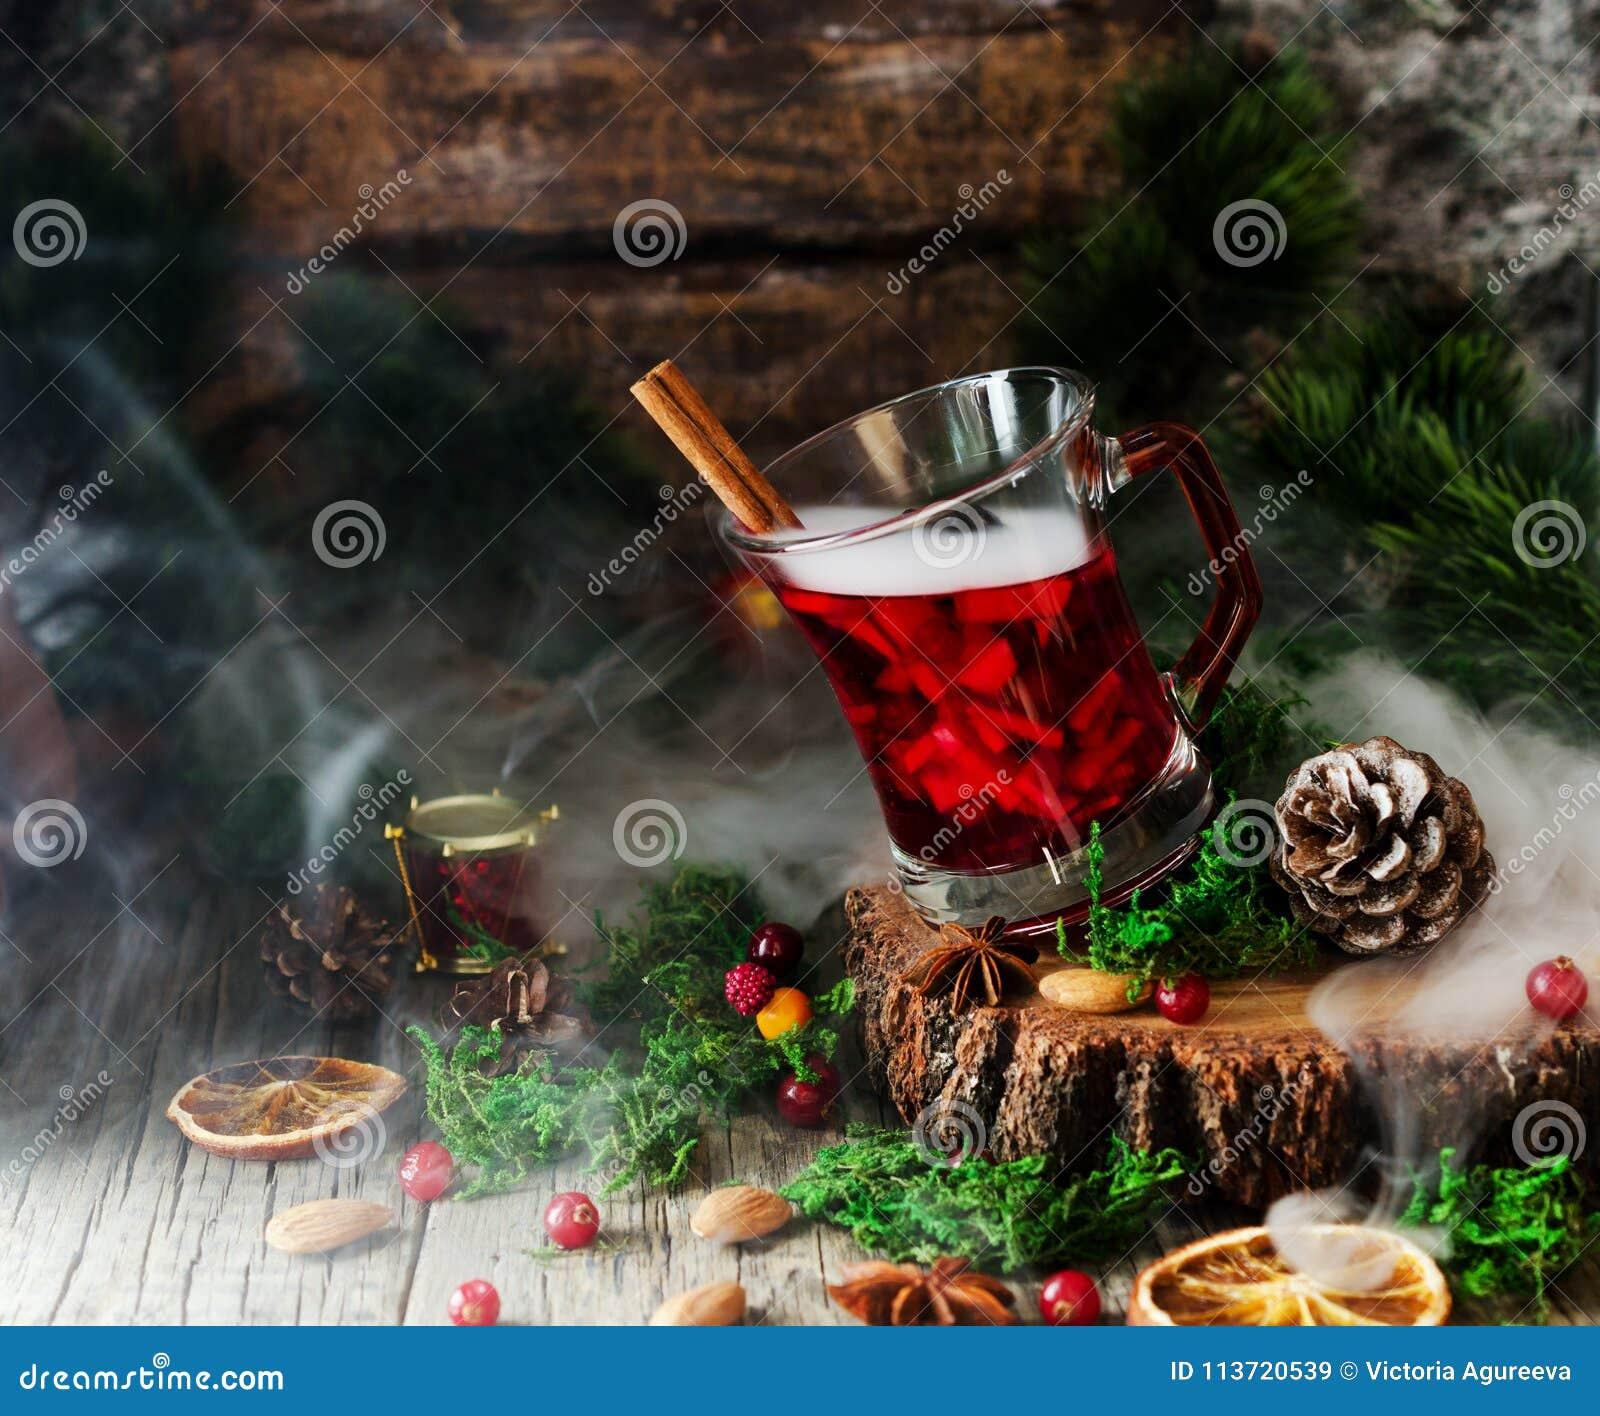 Glas heißer Glühwein für das neue Jahr mit Bestandteilen für das Kochen, die Nüsse und die Weihnachtsdekorationen